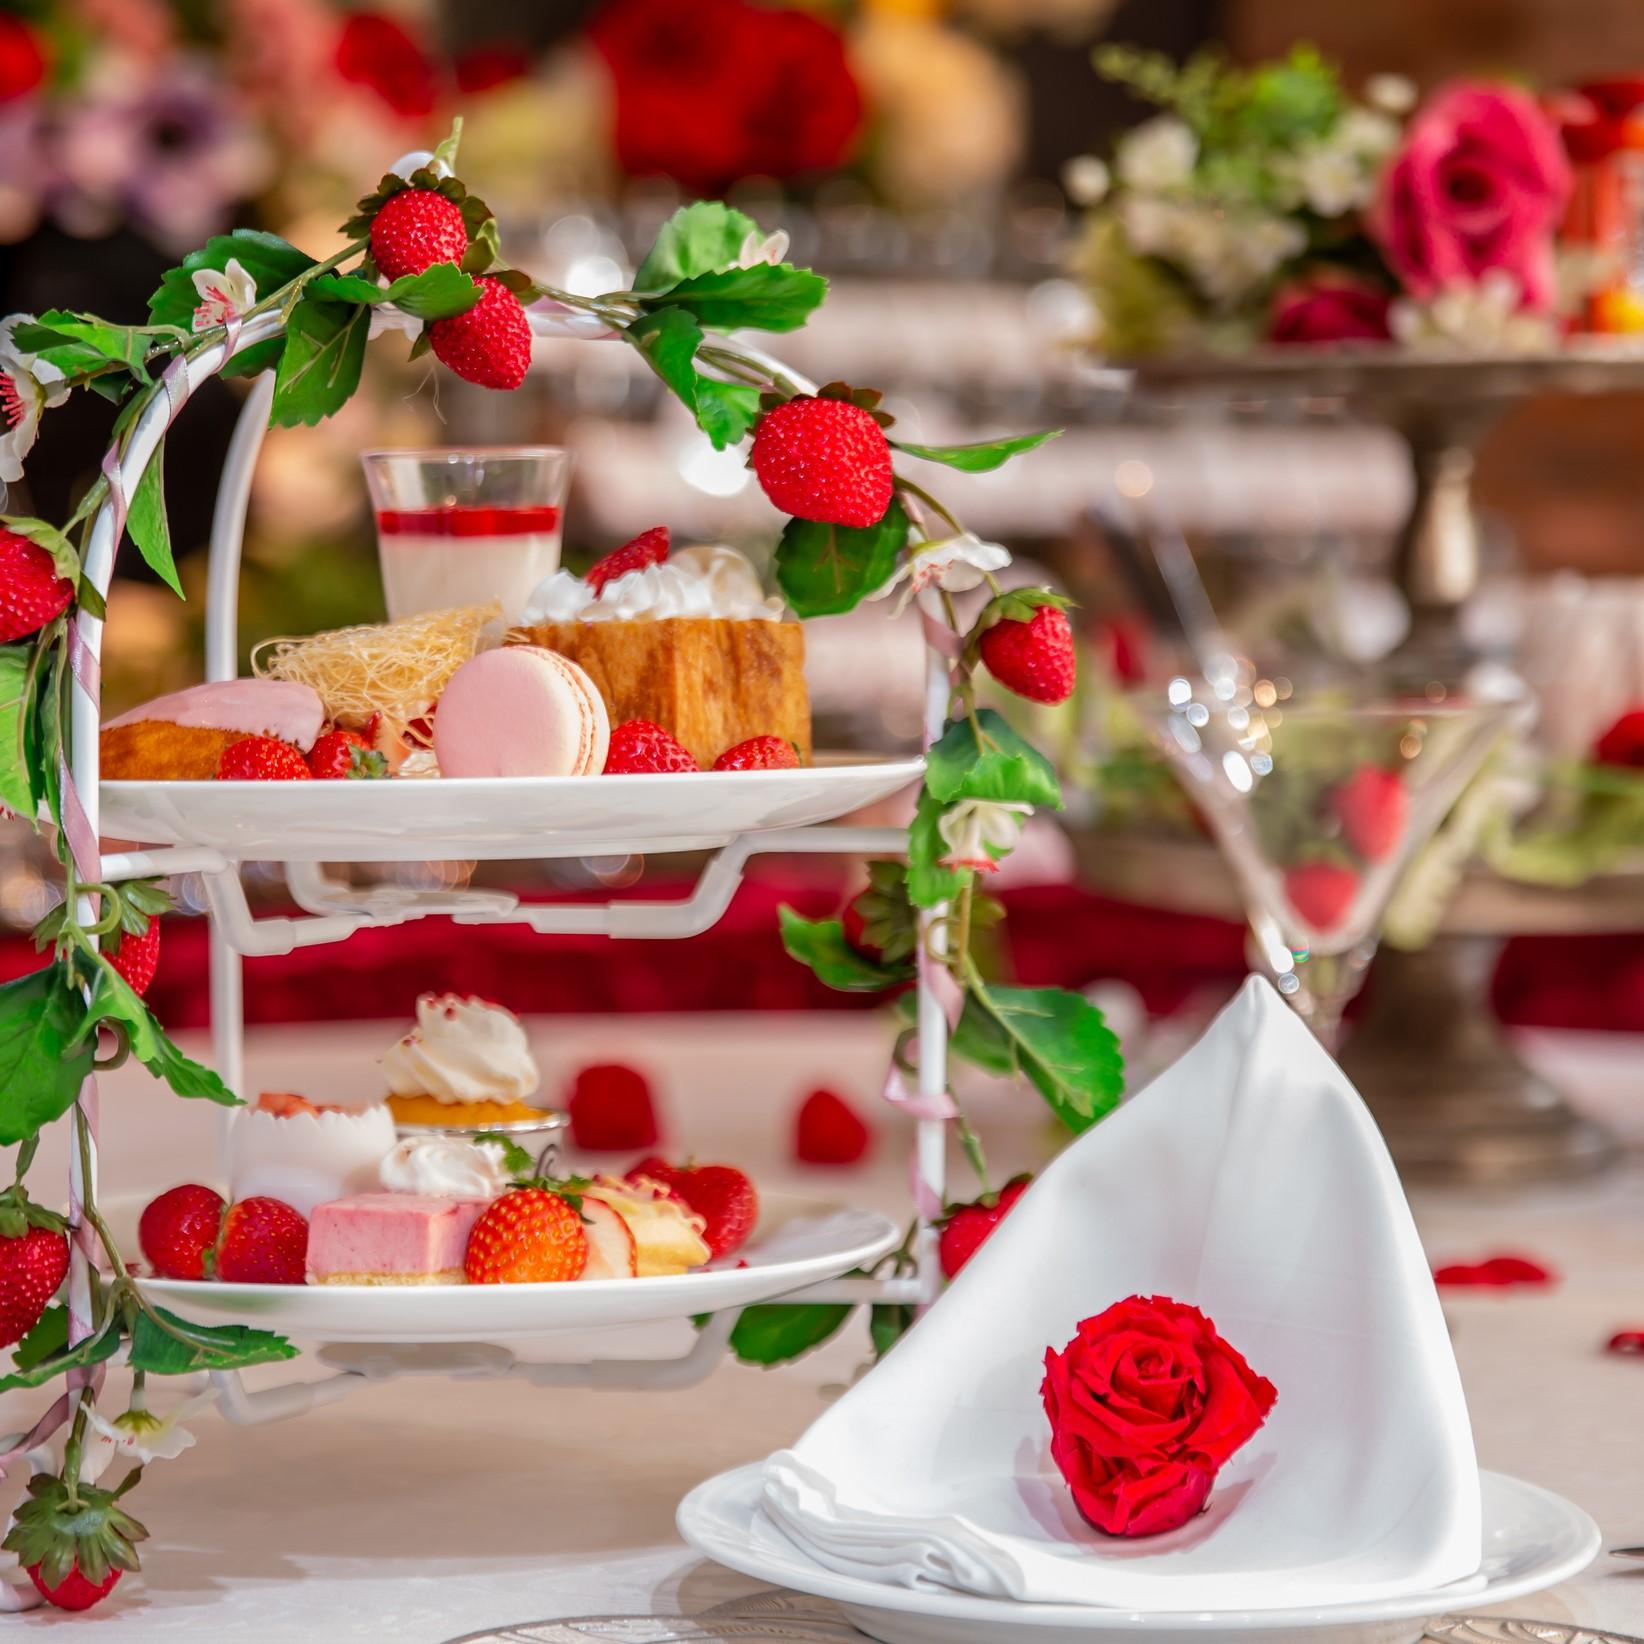 ◆苺とスイーツの饗宴~優雅なアフタヌーンティーのご案内~◆